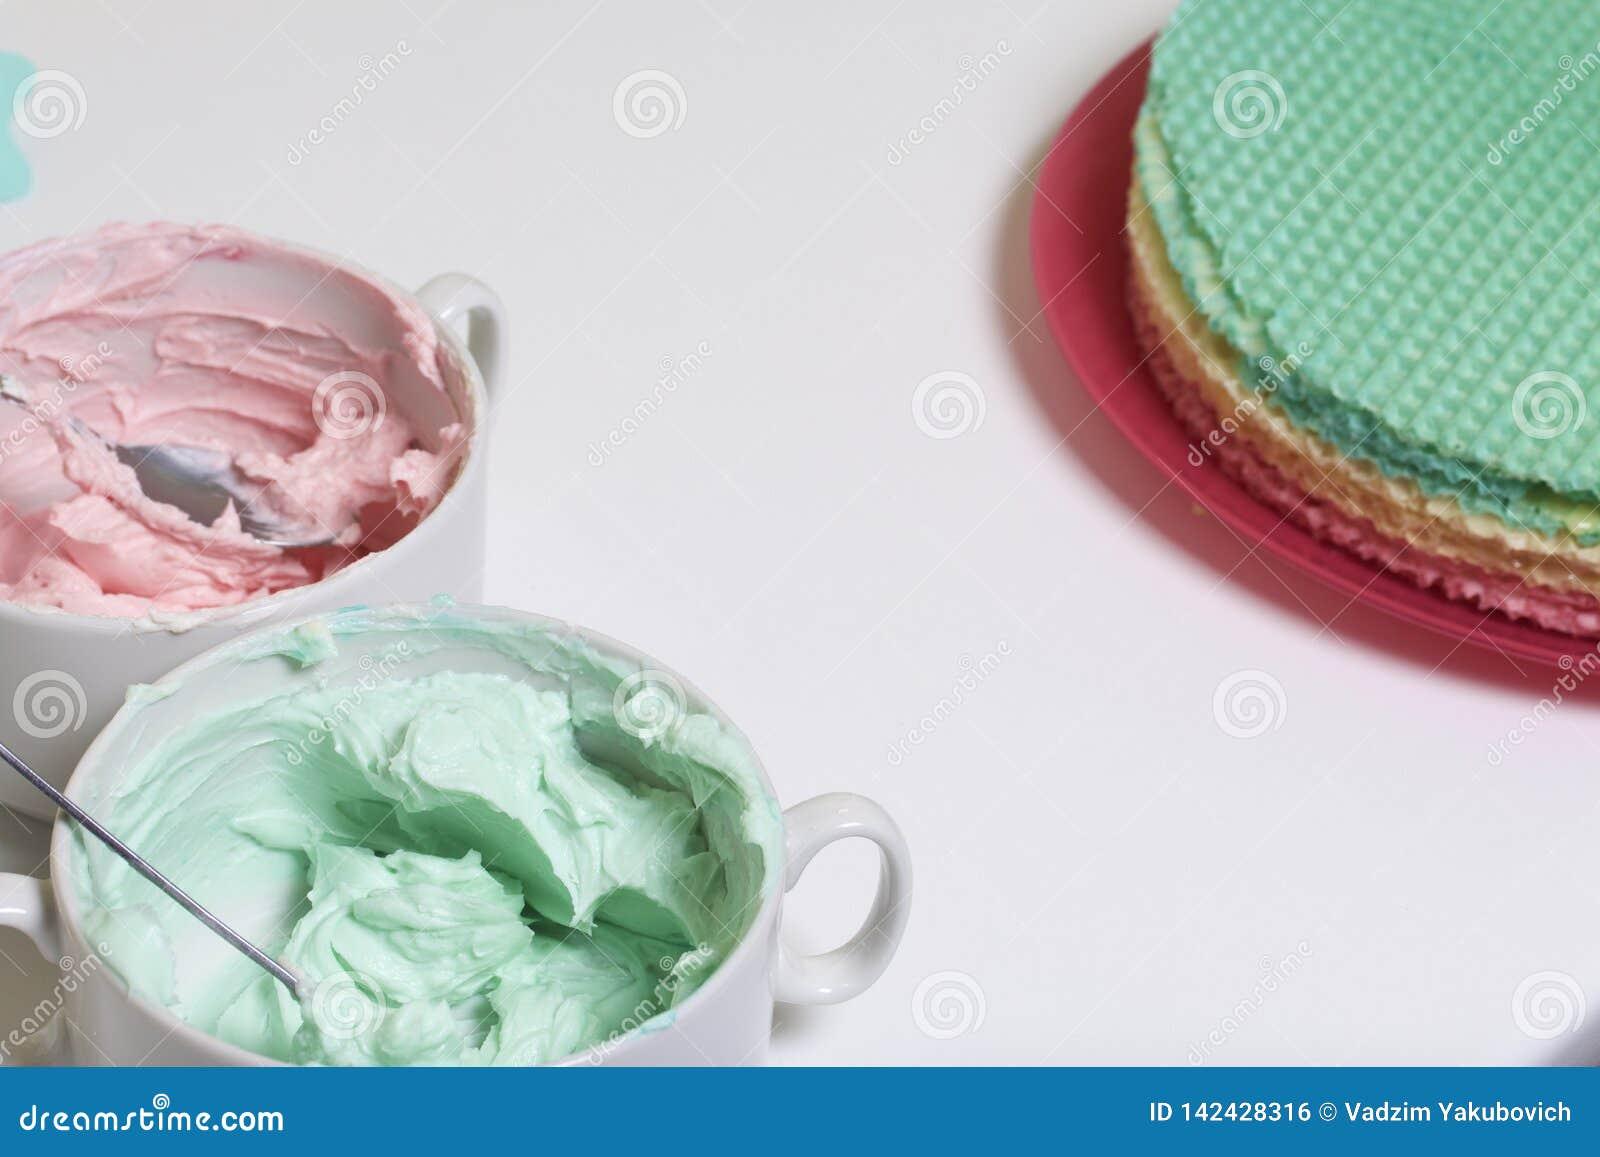 Creme de cores diferentes para decorar o bolo do waffle Bolos redondos da bolacha de cores diferentes Para fazer o bolo do waffle